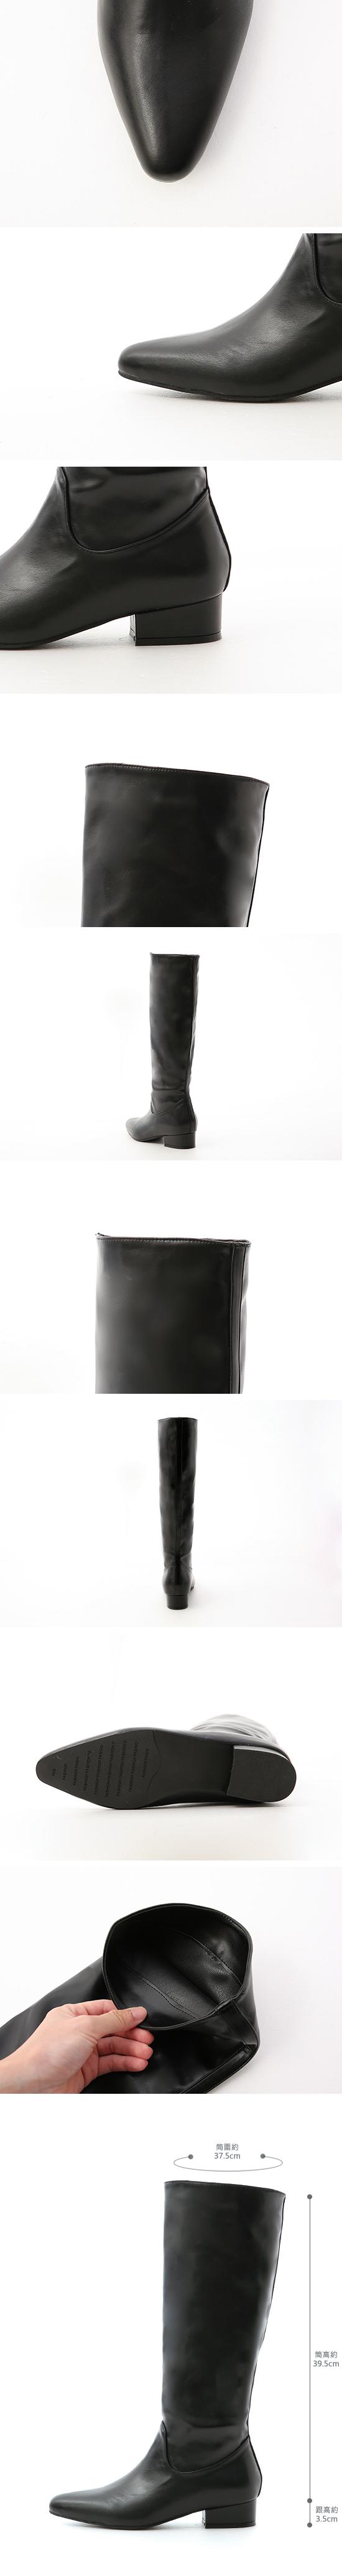 ポインテッドトゥハイブーツ ブラック